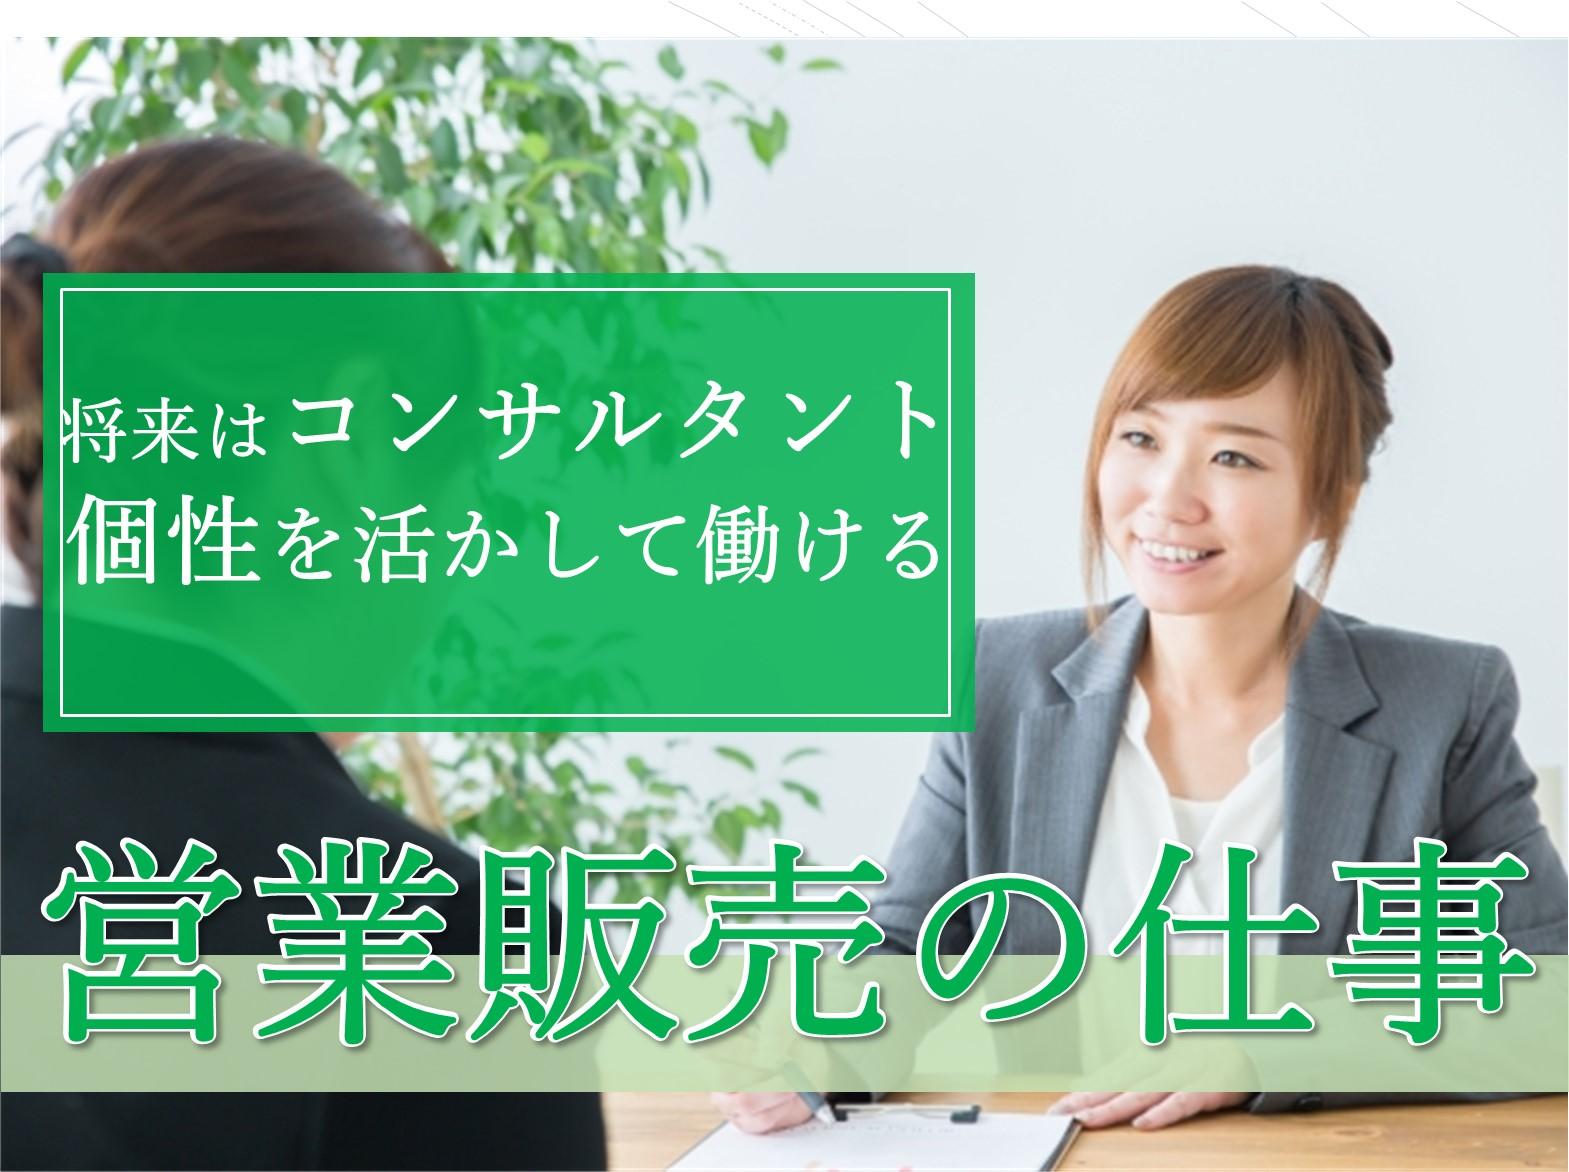 将来はコンサルタント★個性を活かして働ける!営業販売のお仕事! イメージ